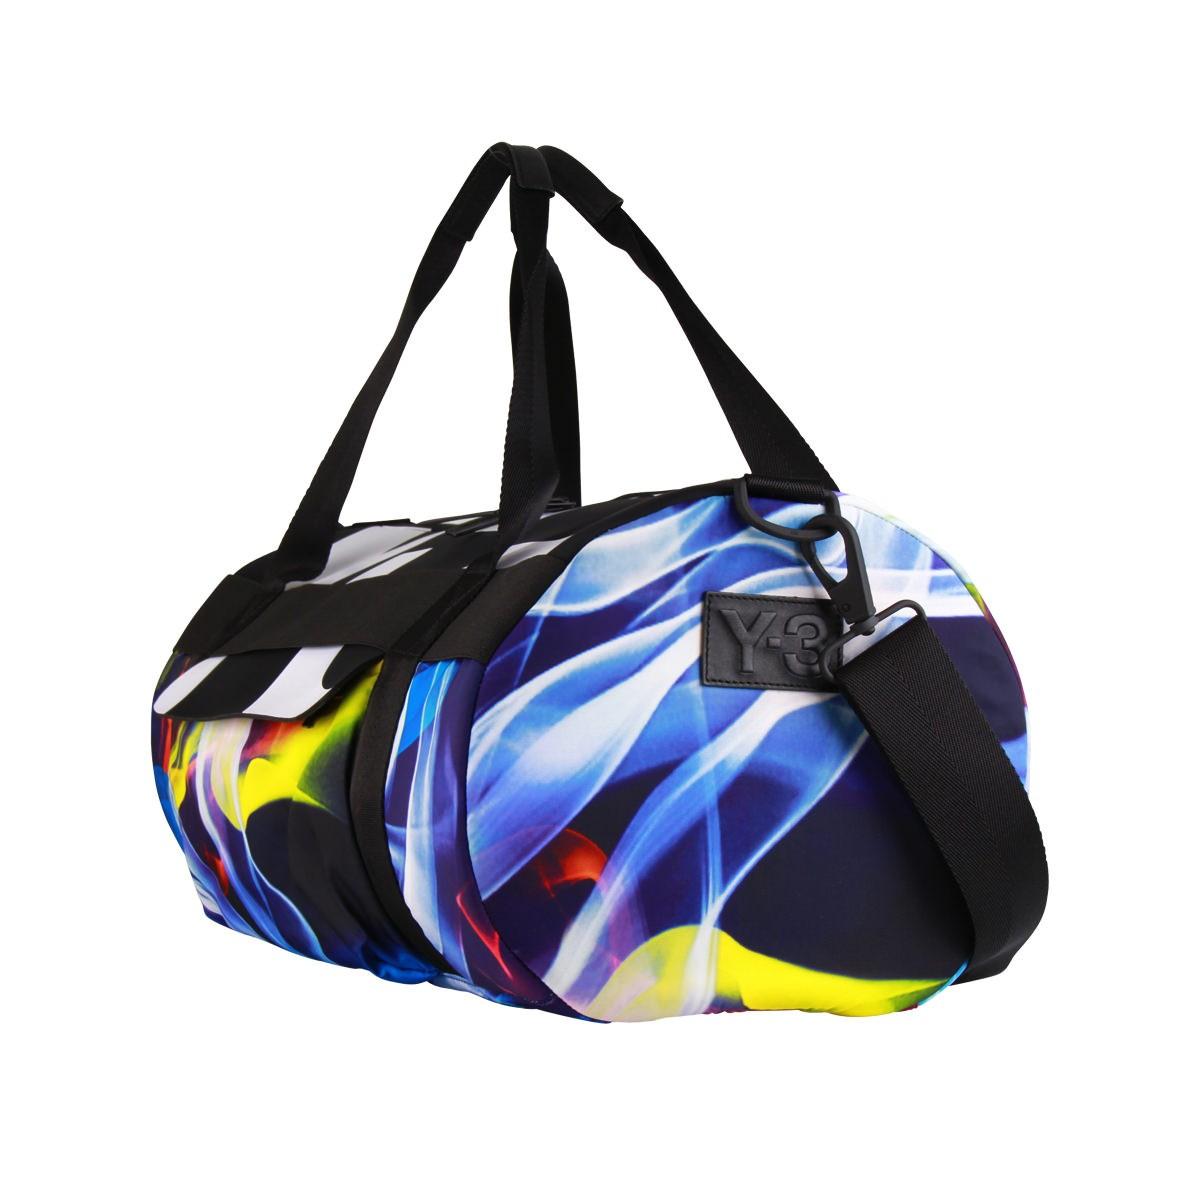 Y3 Bag